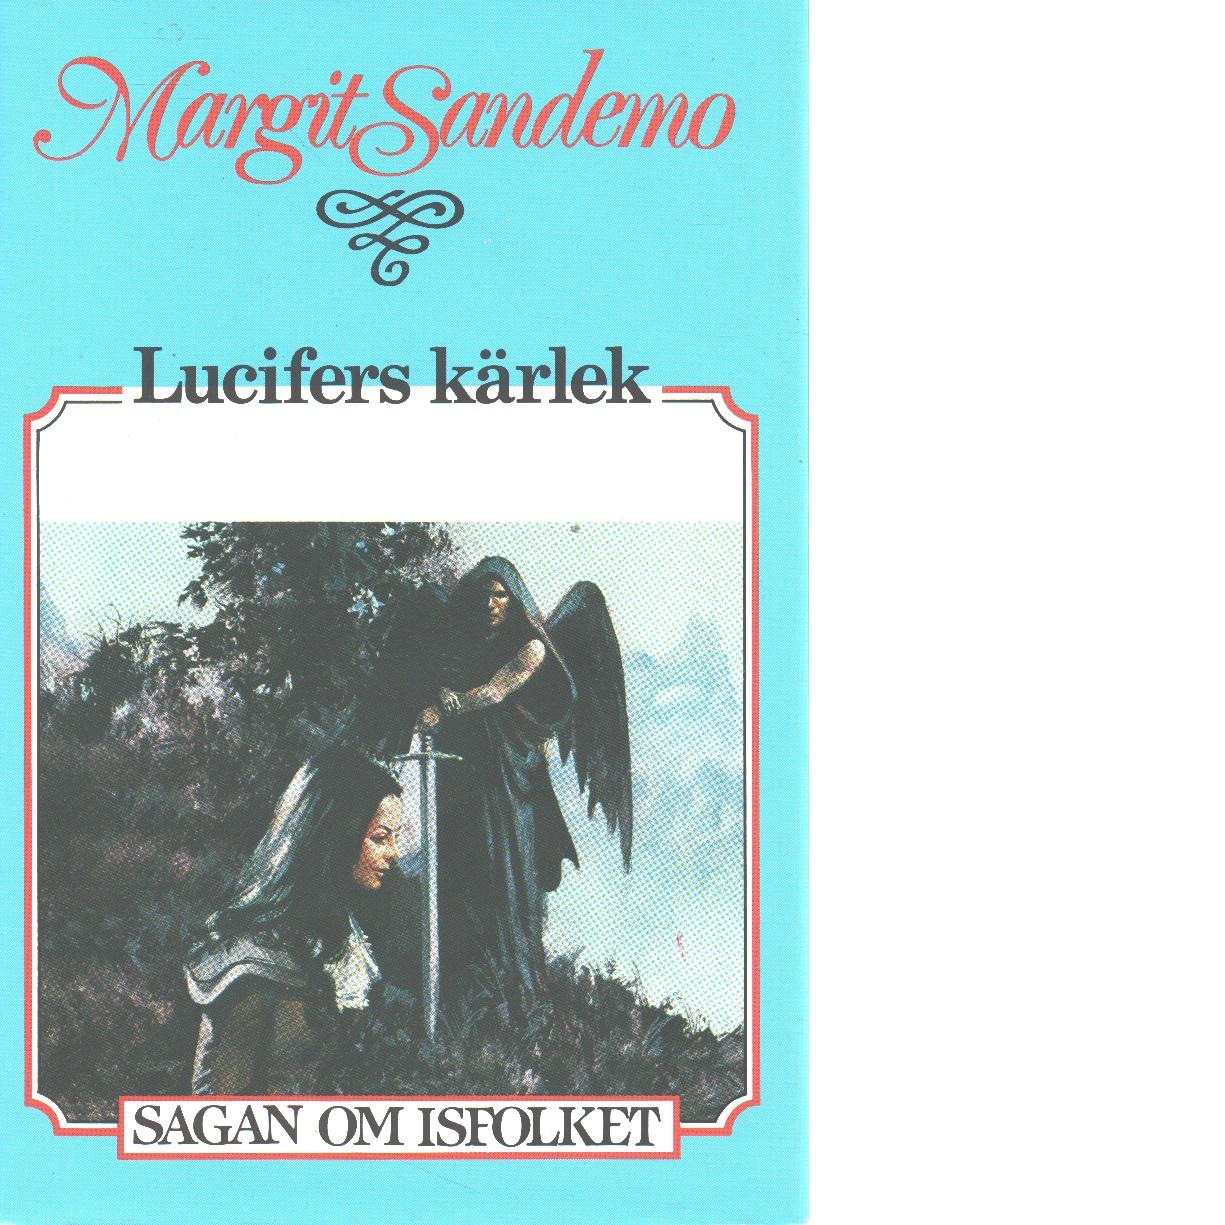 Lucifers kärlek : Sagan om Isfolket nr. 29 - Sandemo, Margit